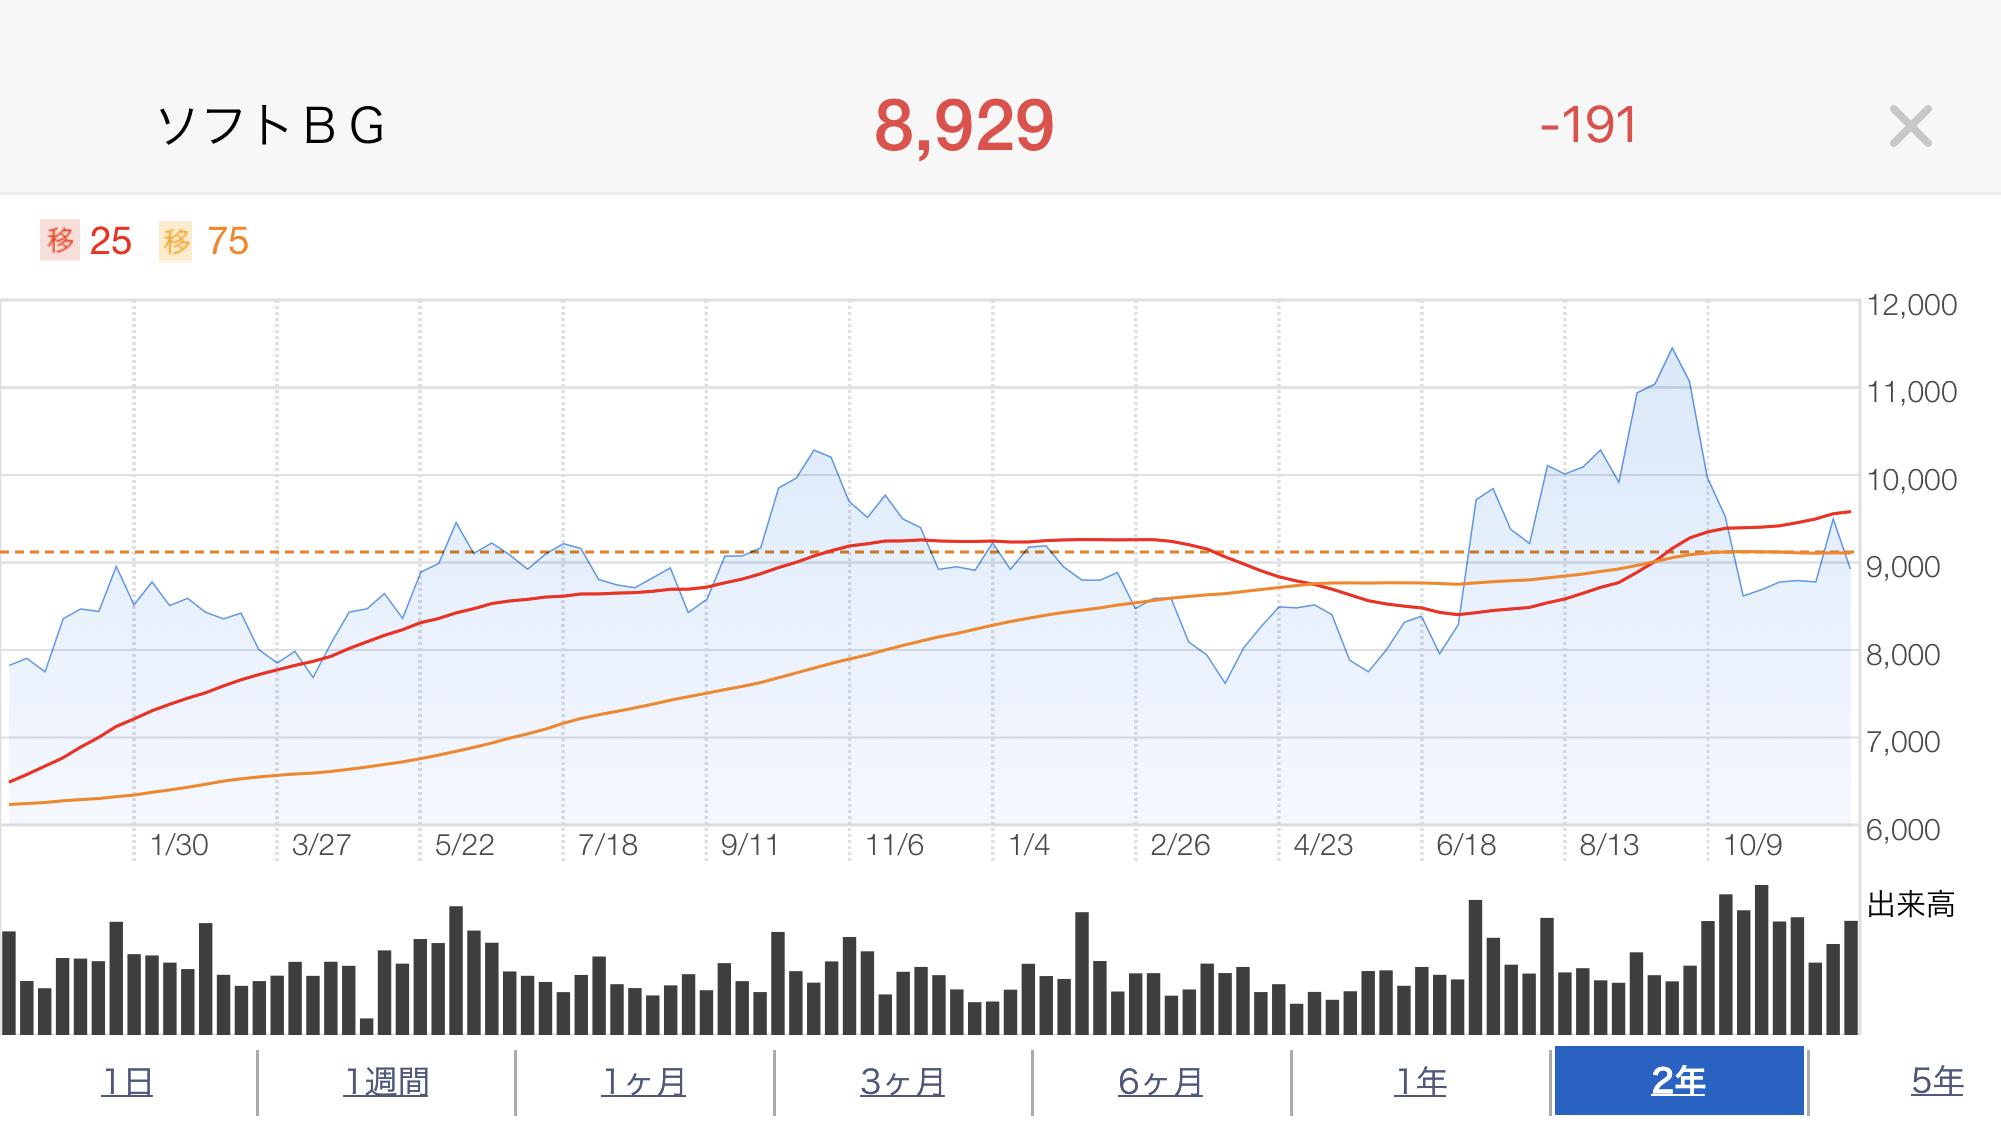 ソフトバンク株価 危険